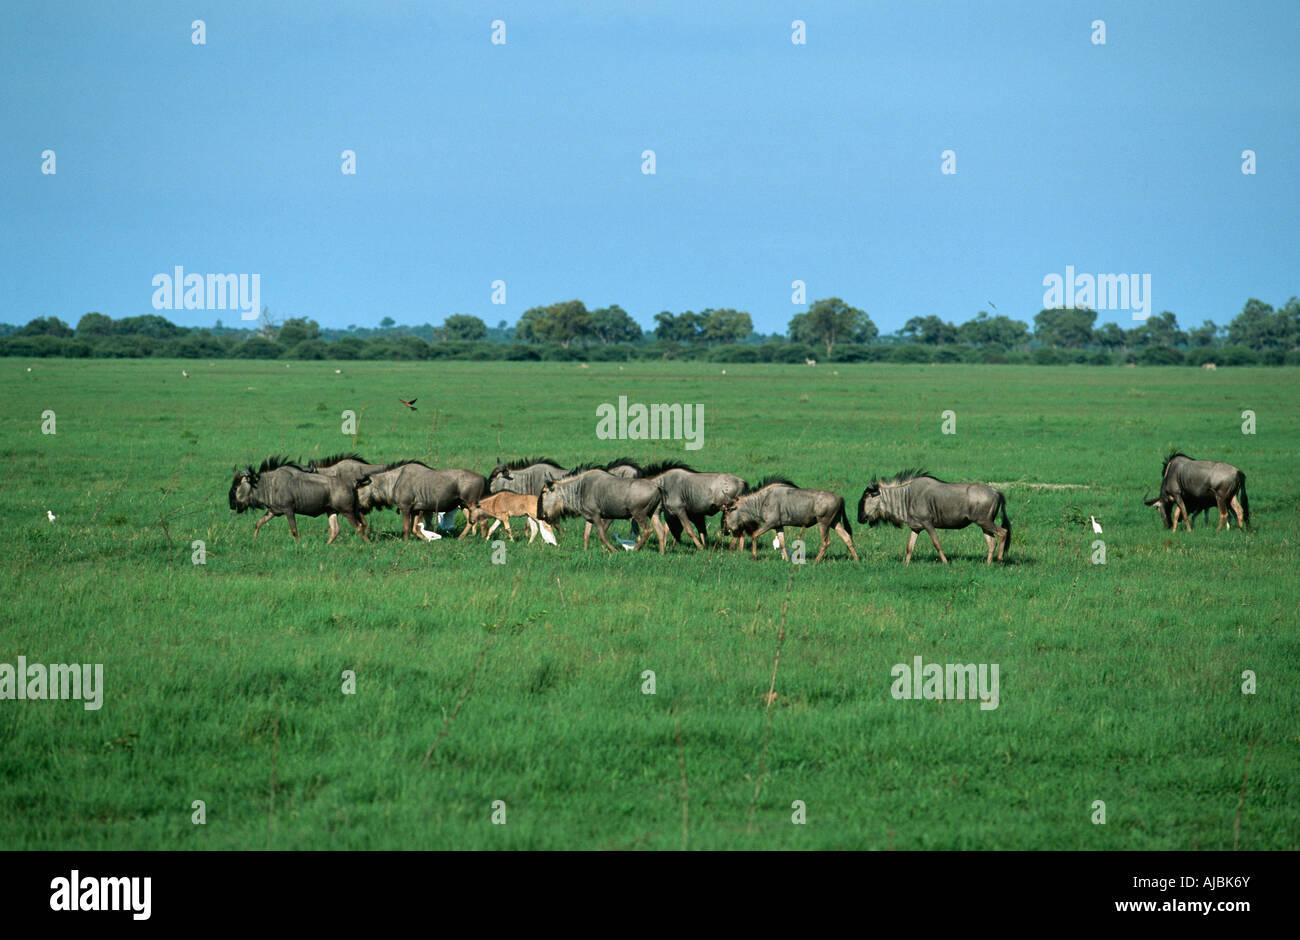 Totale der Migration von einer Herde von Gnus (Connochaetes Taurinus) Stockbild